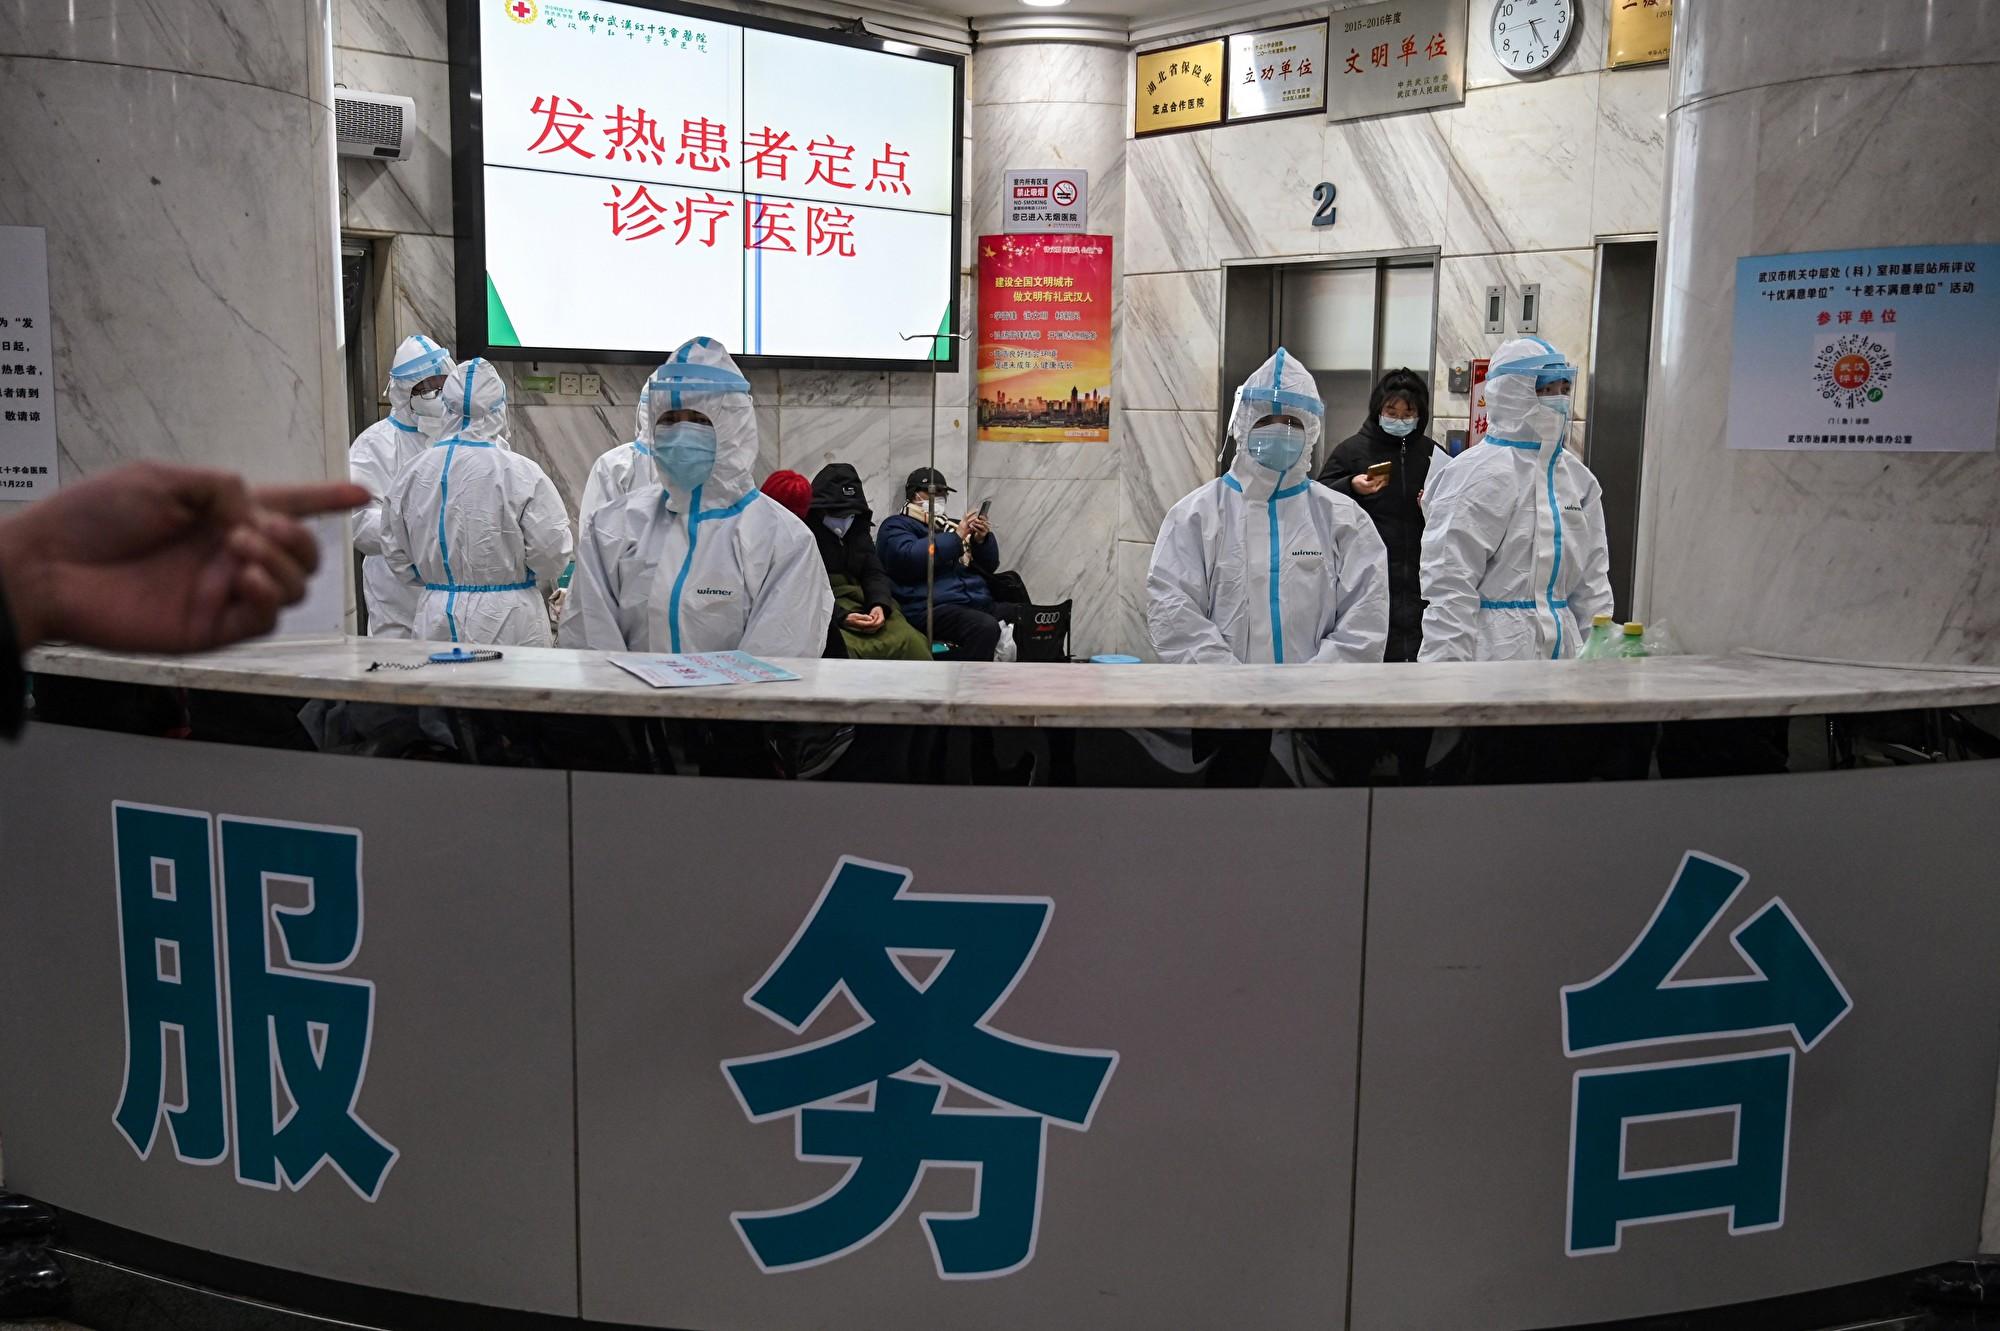 維權律師:武漢疫情是中共體制導致的人禍